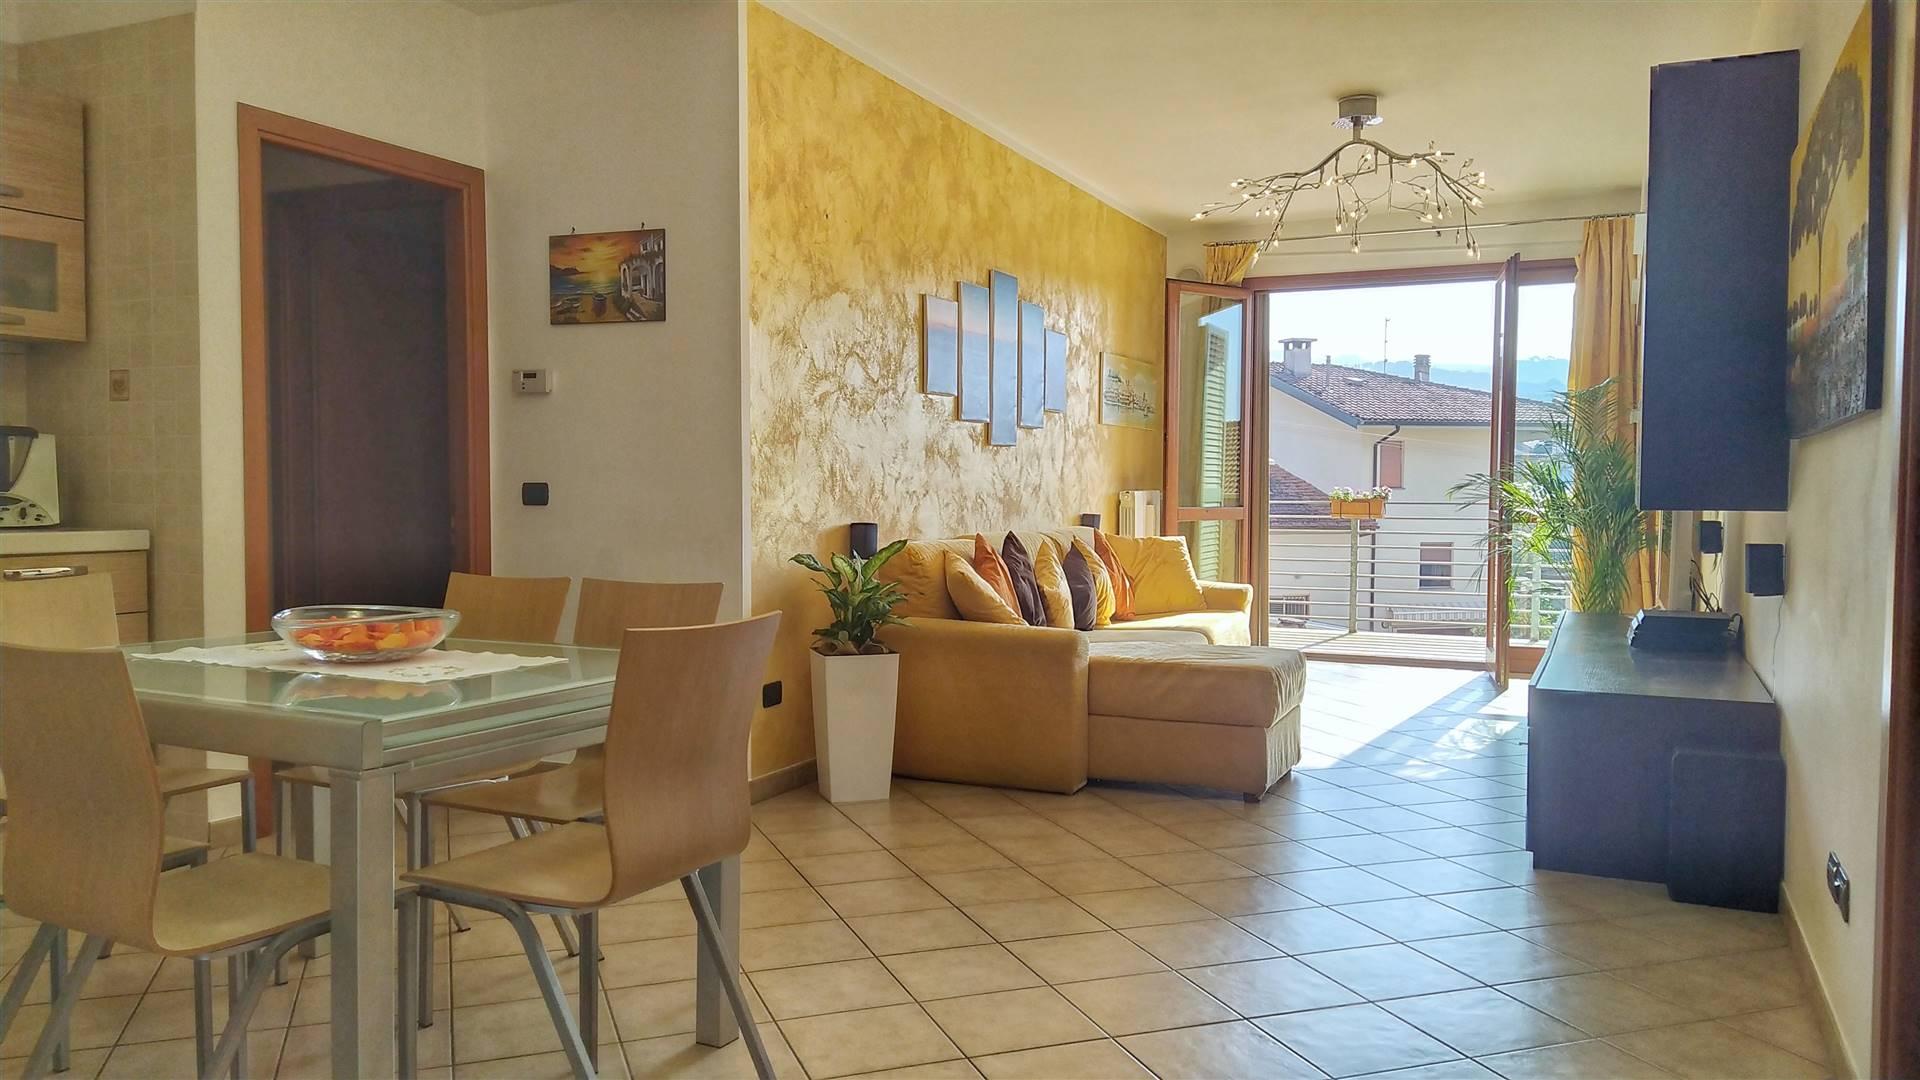 MONSUMMANO TERME, Appartamento in vendita, Buone condizioni, Riscaldamento Autonomo, posto al piano 1° su 3, composto da: 3 Vani, Cucina a vista, 2